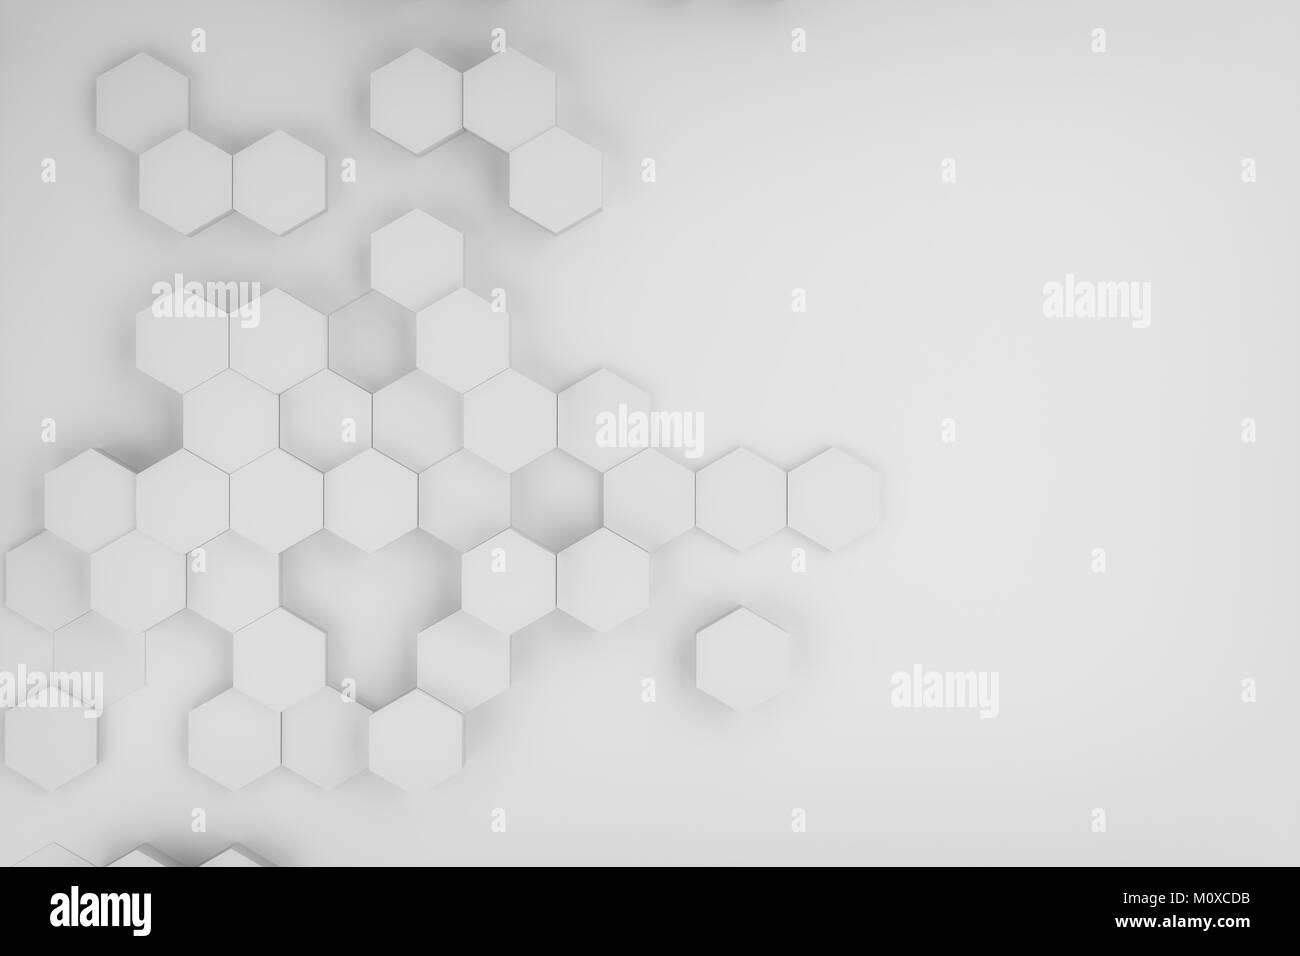 3D rendering de abstracto fondo hexagonal Imagen De Stock